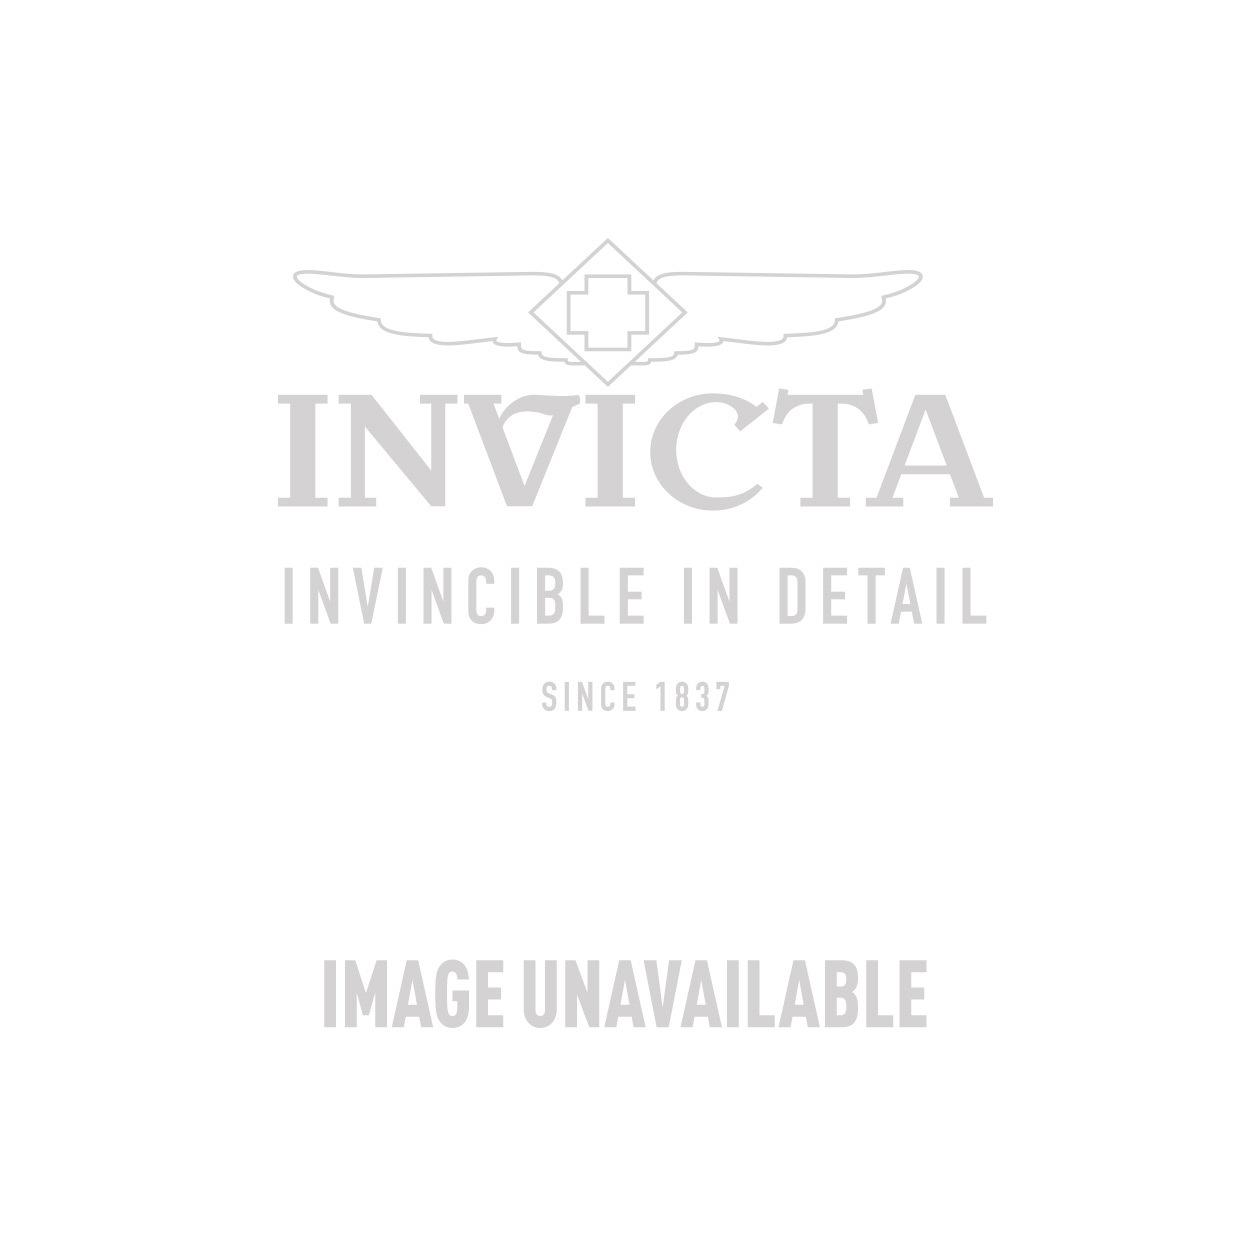 Invicta Model 22679